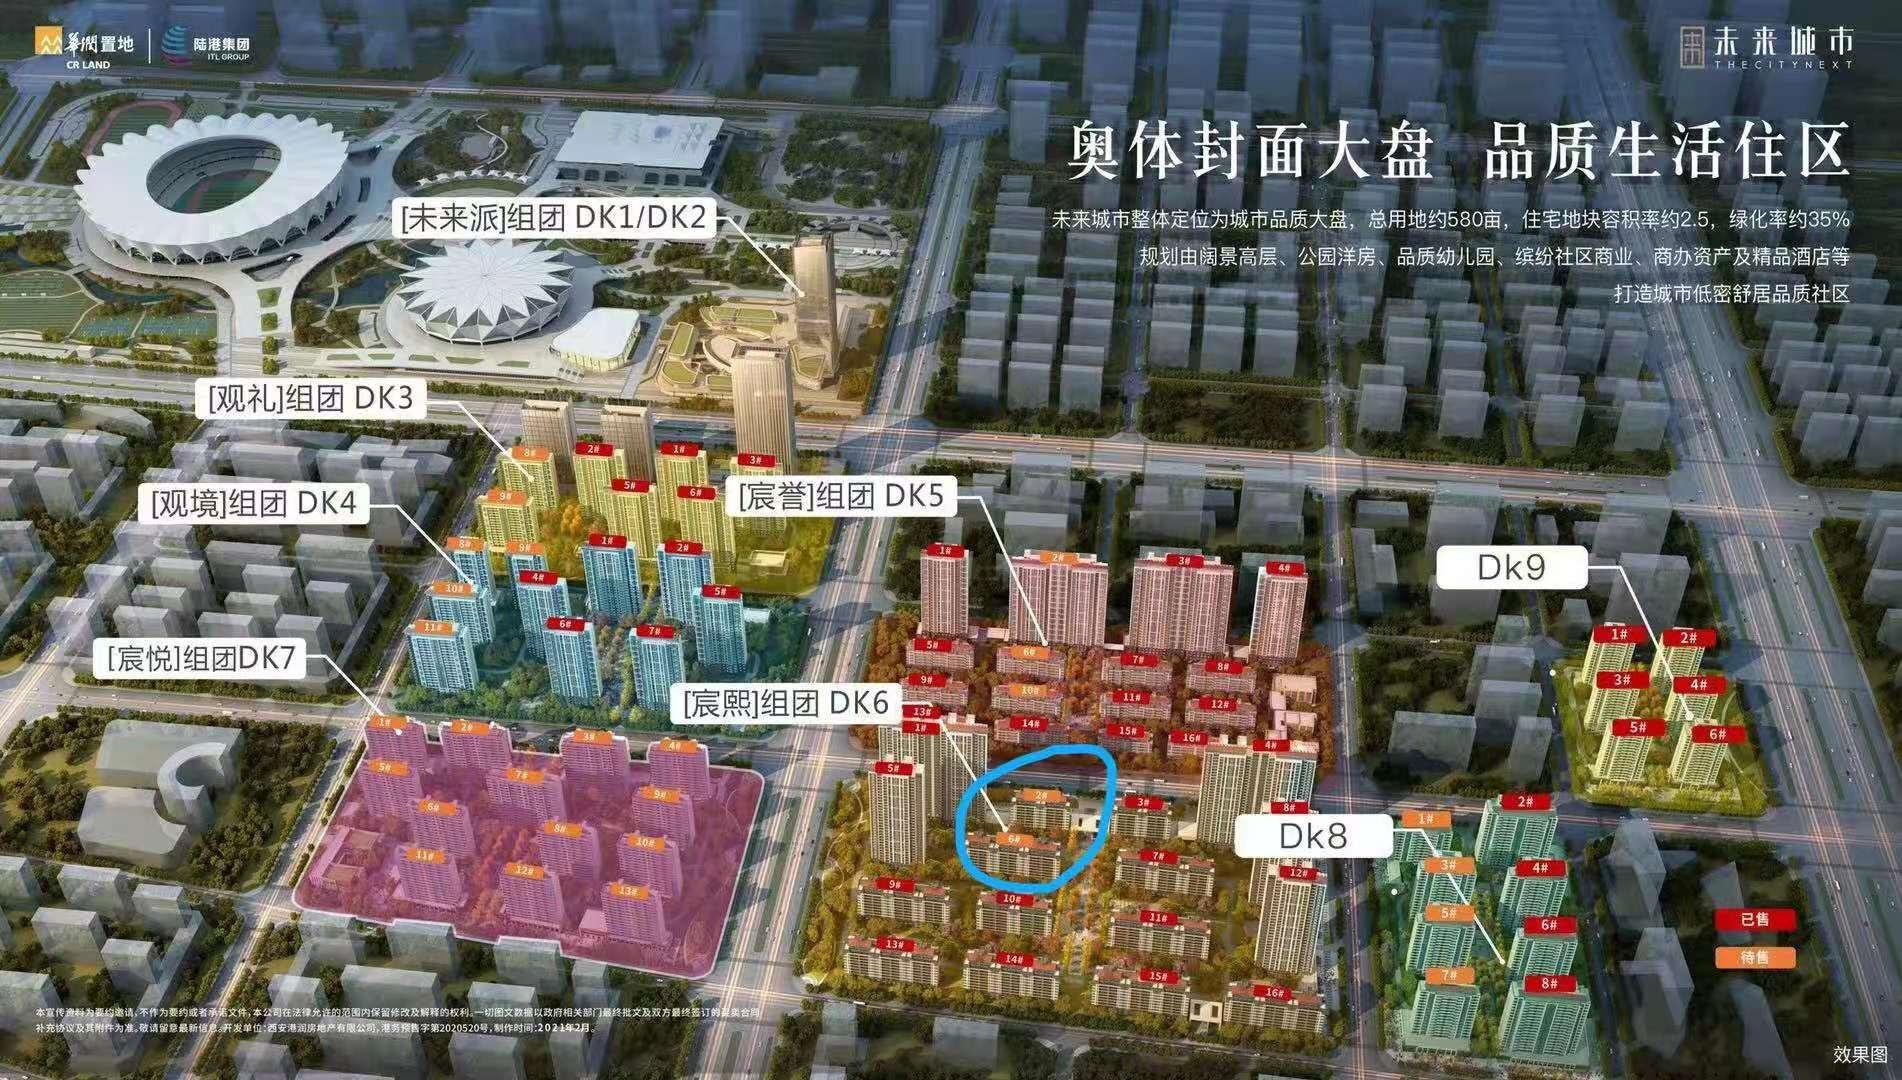 华润置地未来城市DK-7鸟瞰图